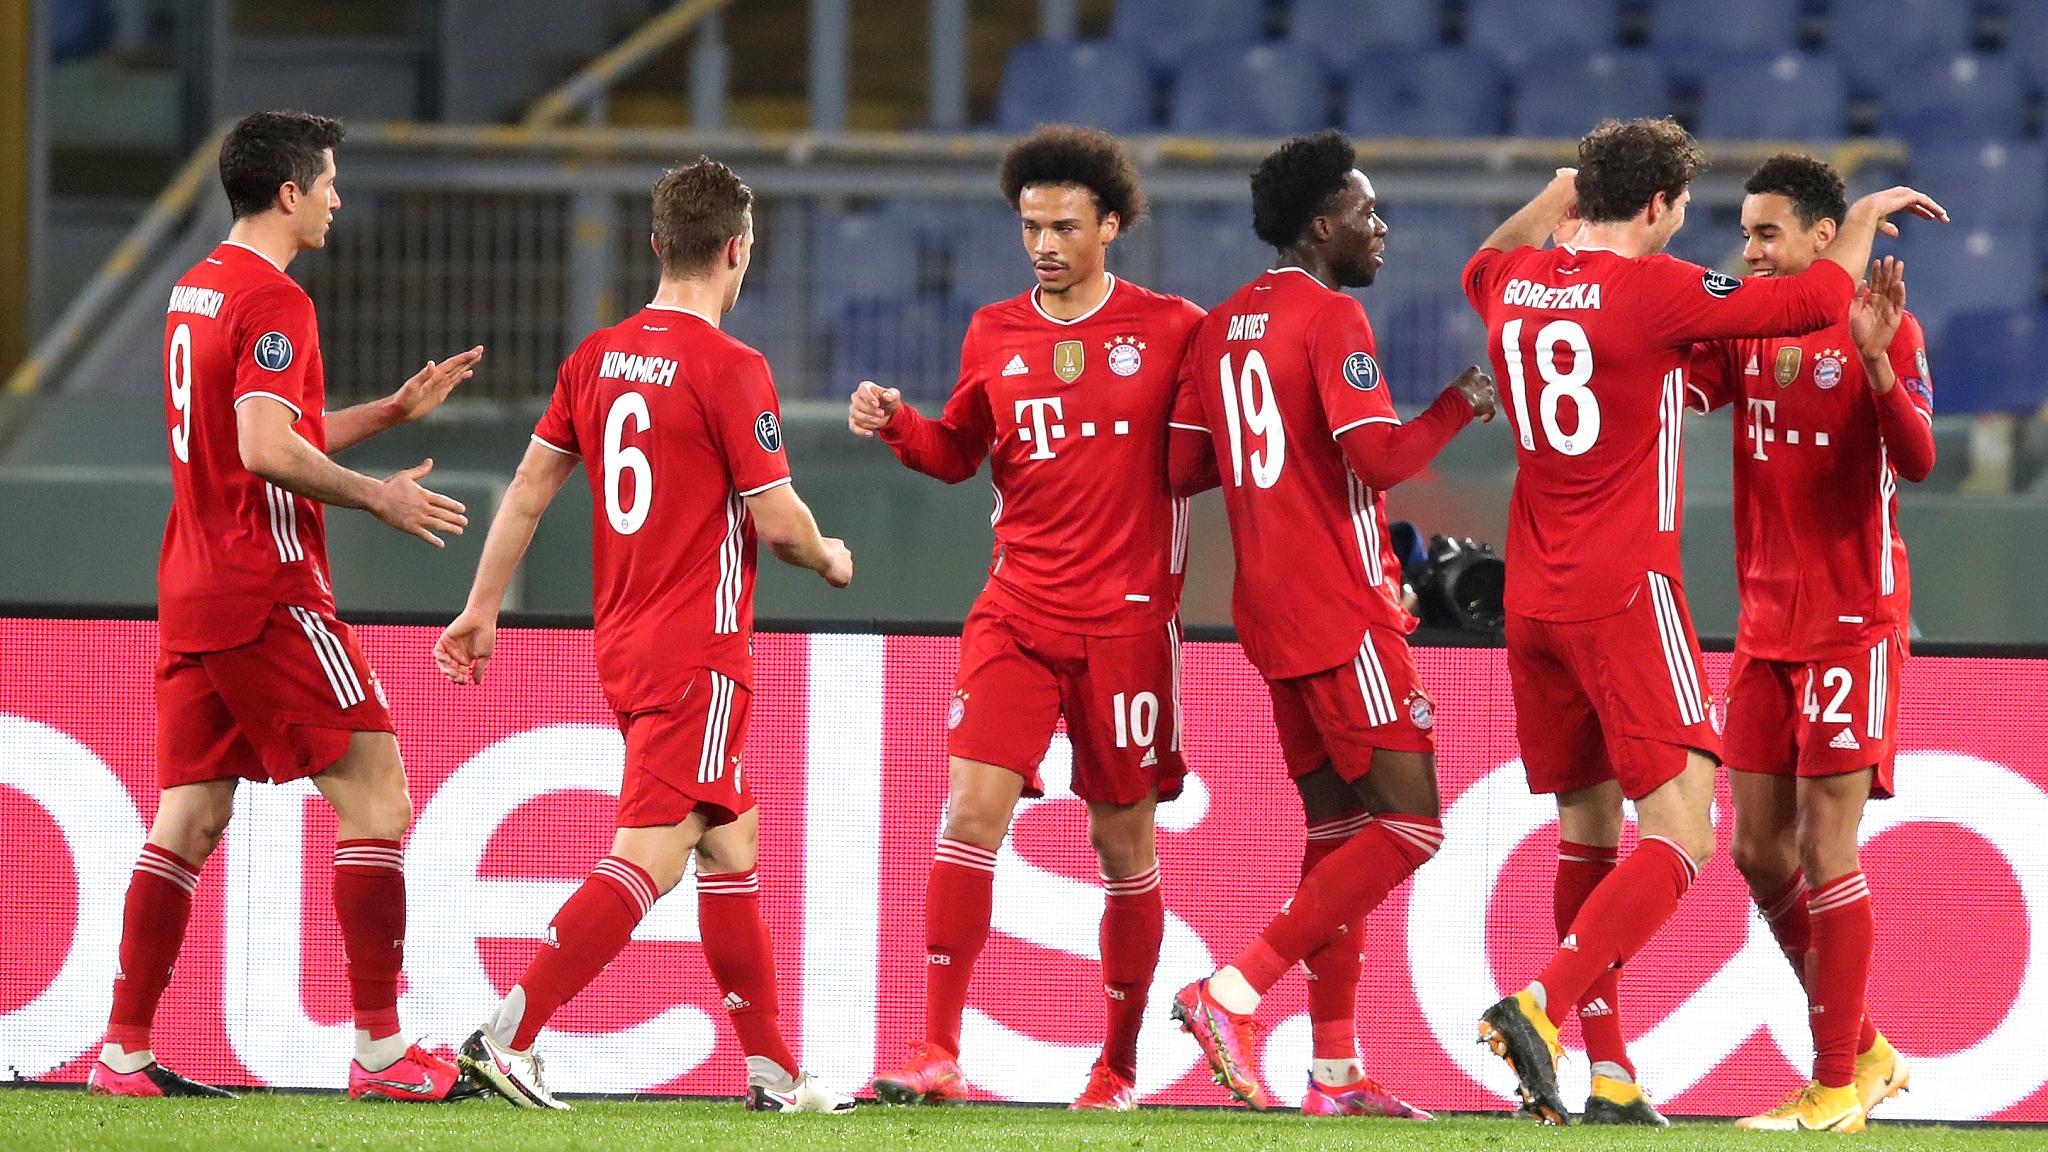 Musiala shines as Bayern Munich rout Lazio - CGTN